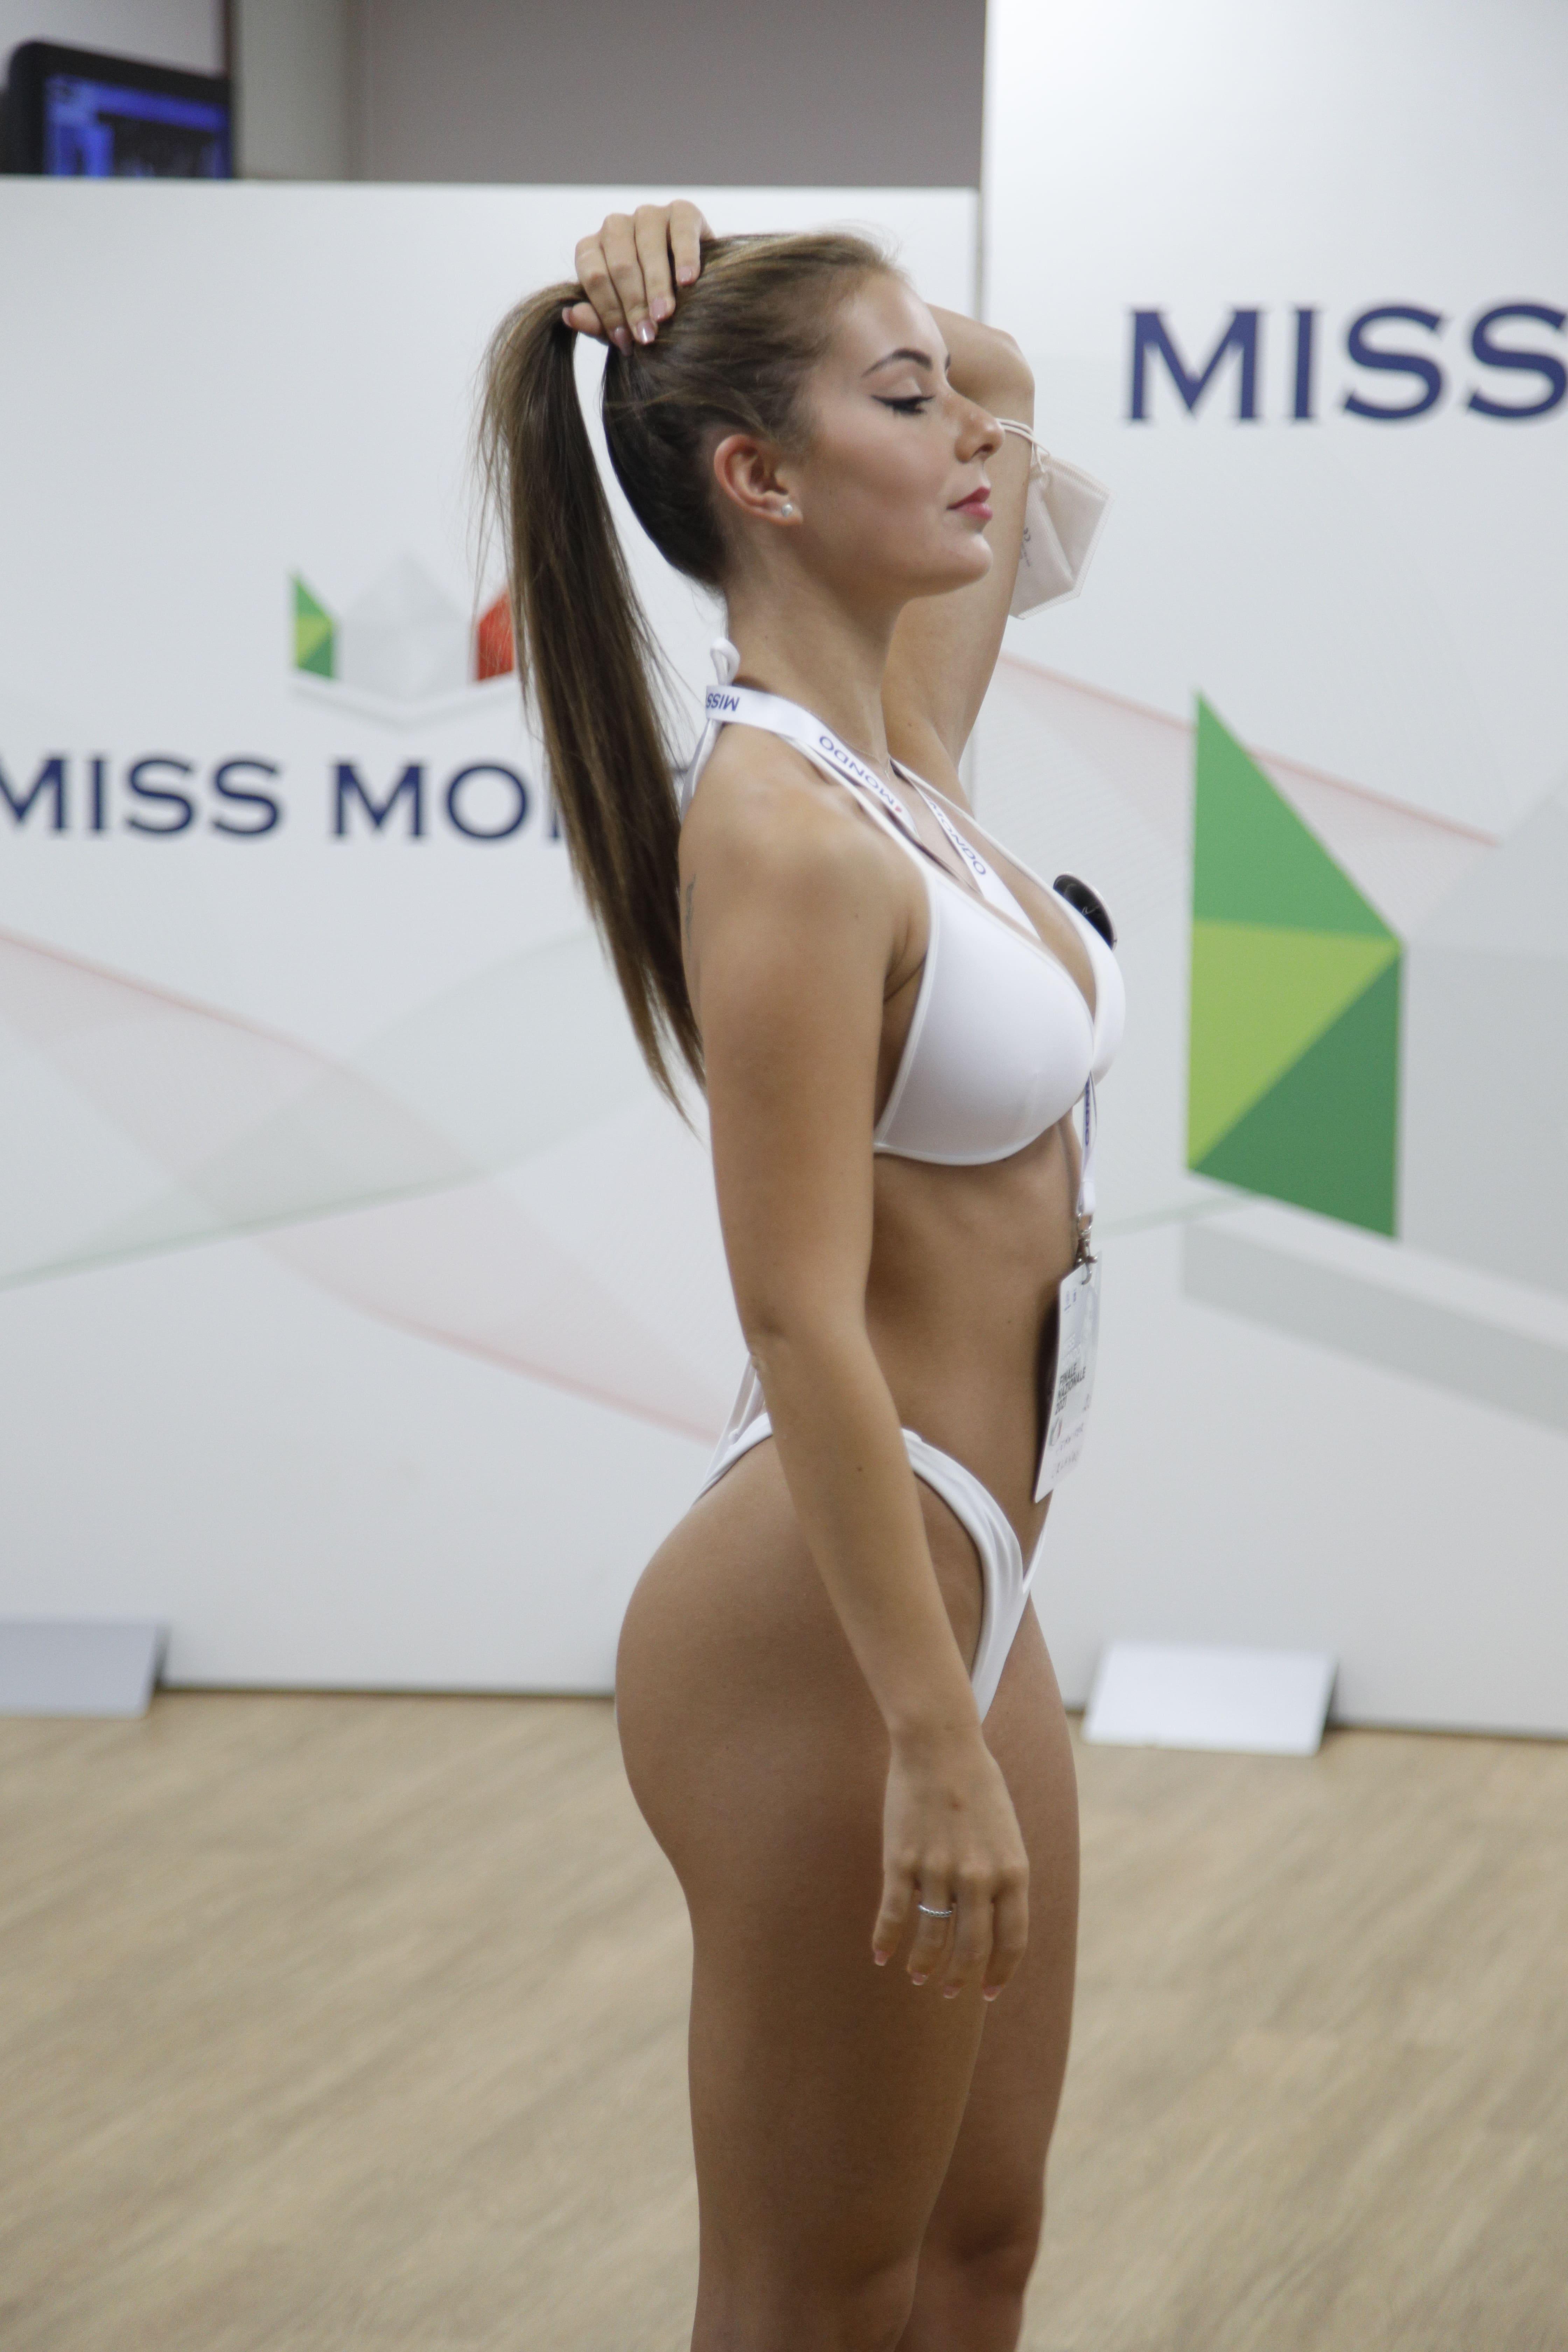 Primo passaggio giuria per le ragazze di Missmondo Italia 2021 - 9